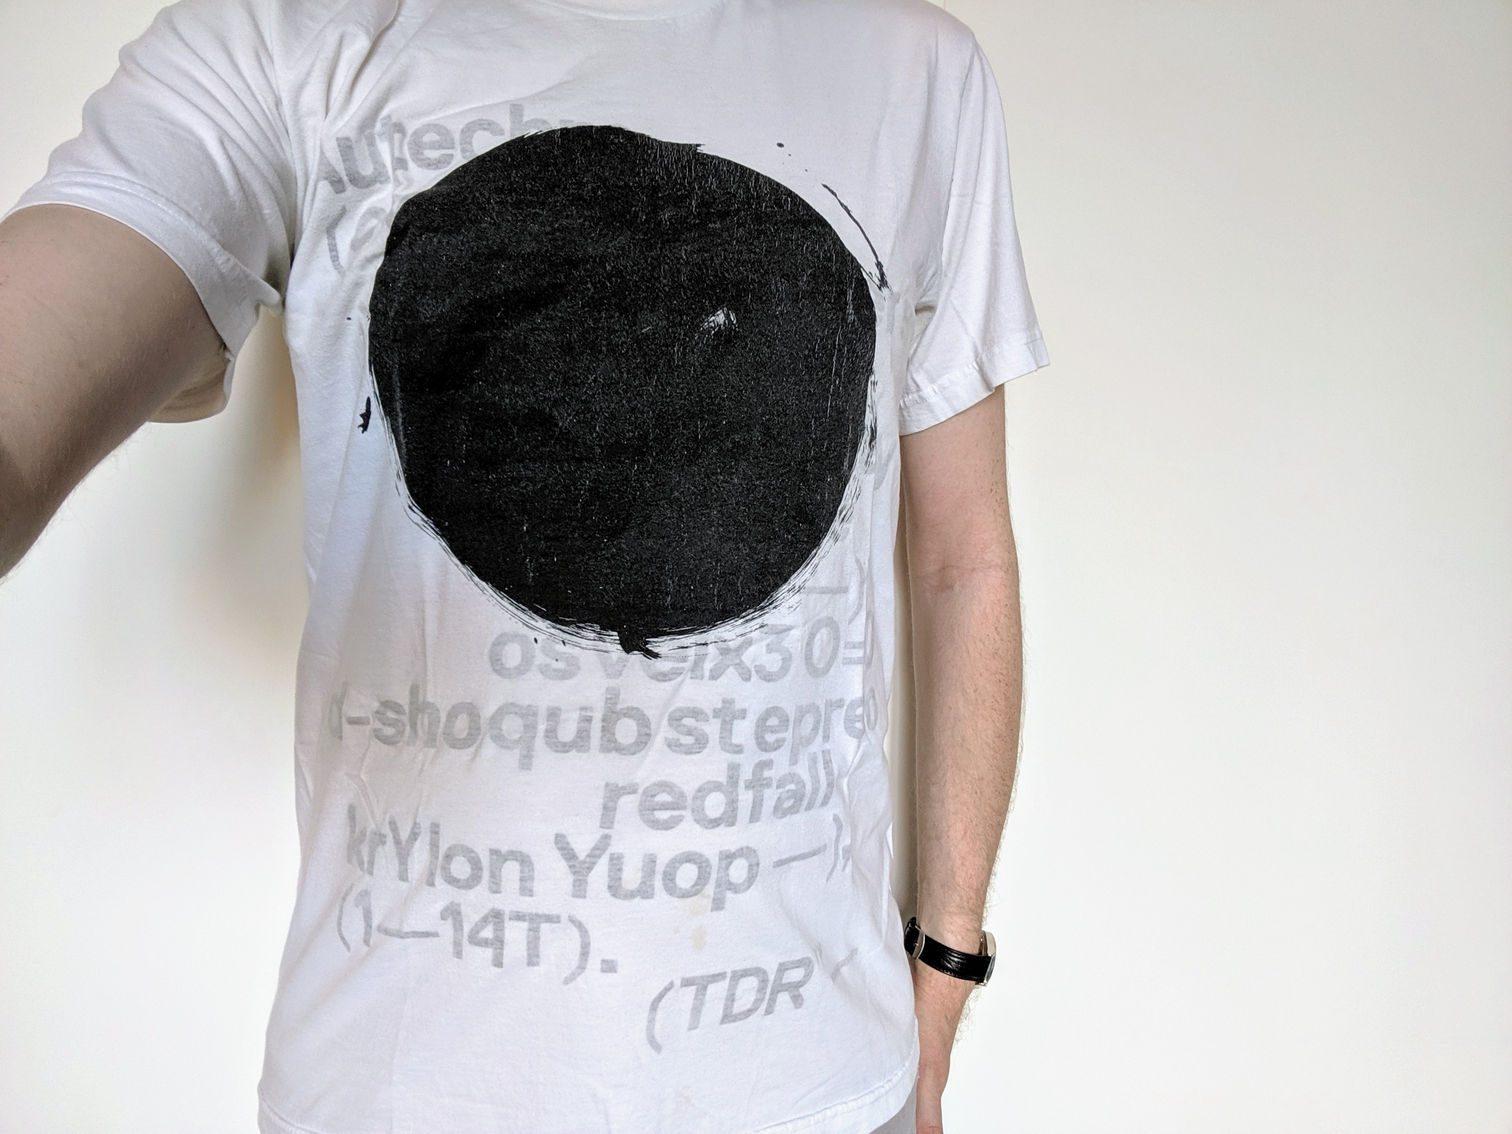 Oversteps t-shirt